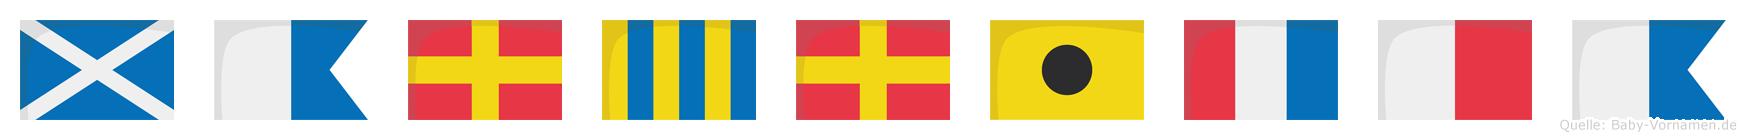 Margritha im Flaggenalphabet